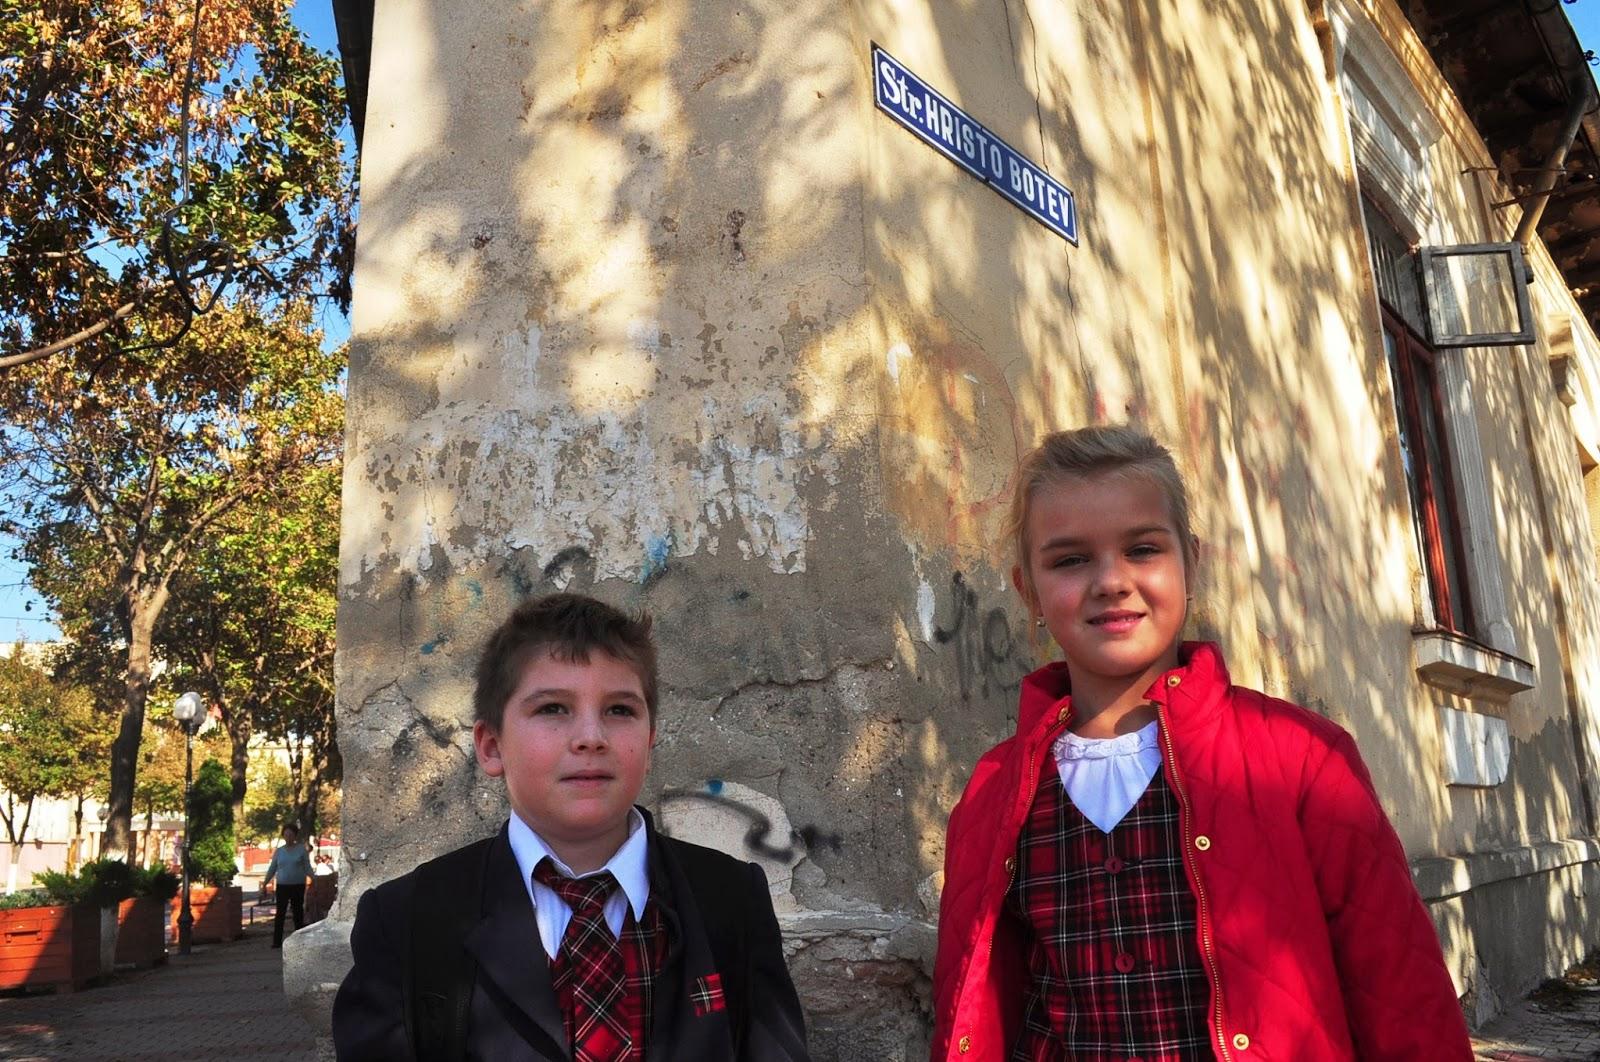 На българския революционер е кръстена и една от главните улици на Гюргево. Разхождайки се по нея срещнахме малките Алисия и Бранко. Децата се съгласиха да позират пред натрапчивите ни журналистически обективи, заради което закъсняха за училище.